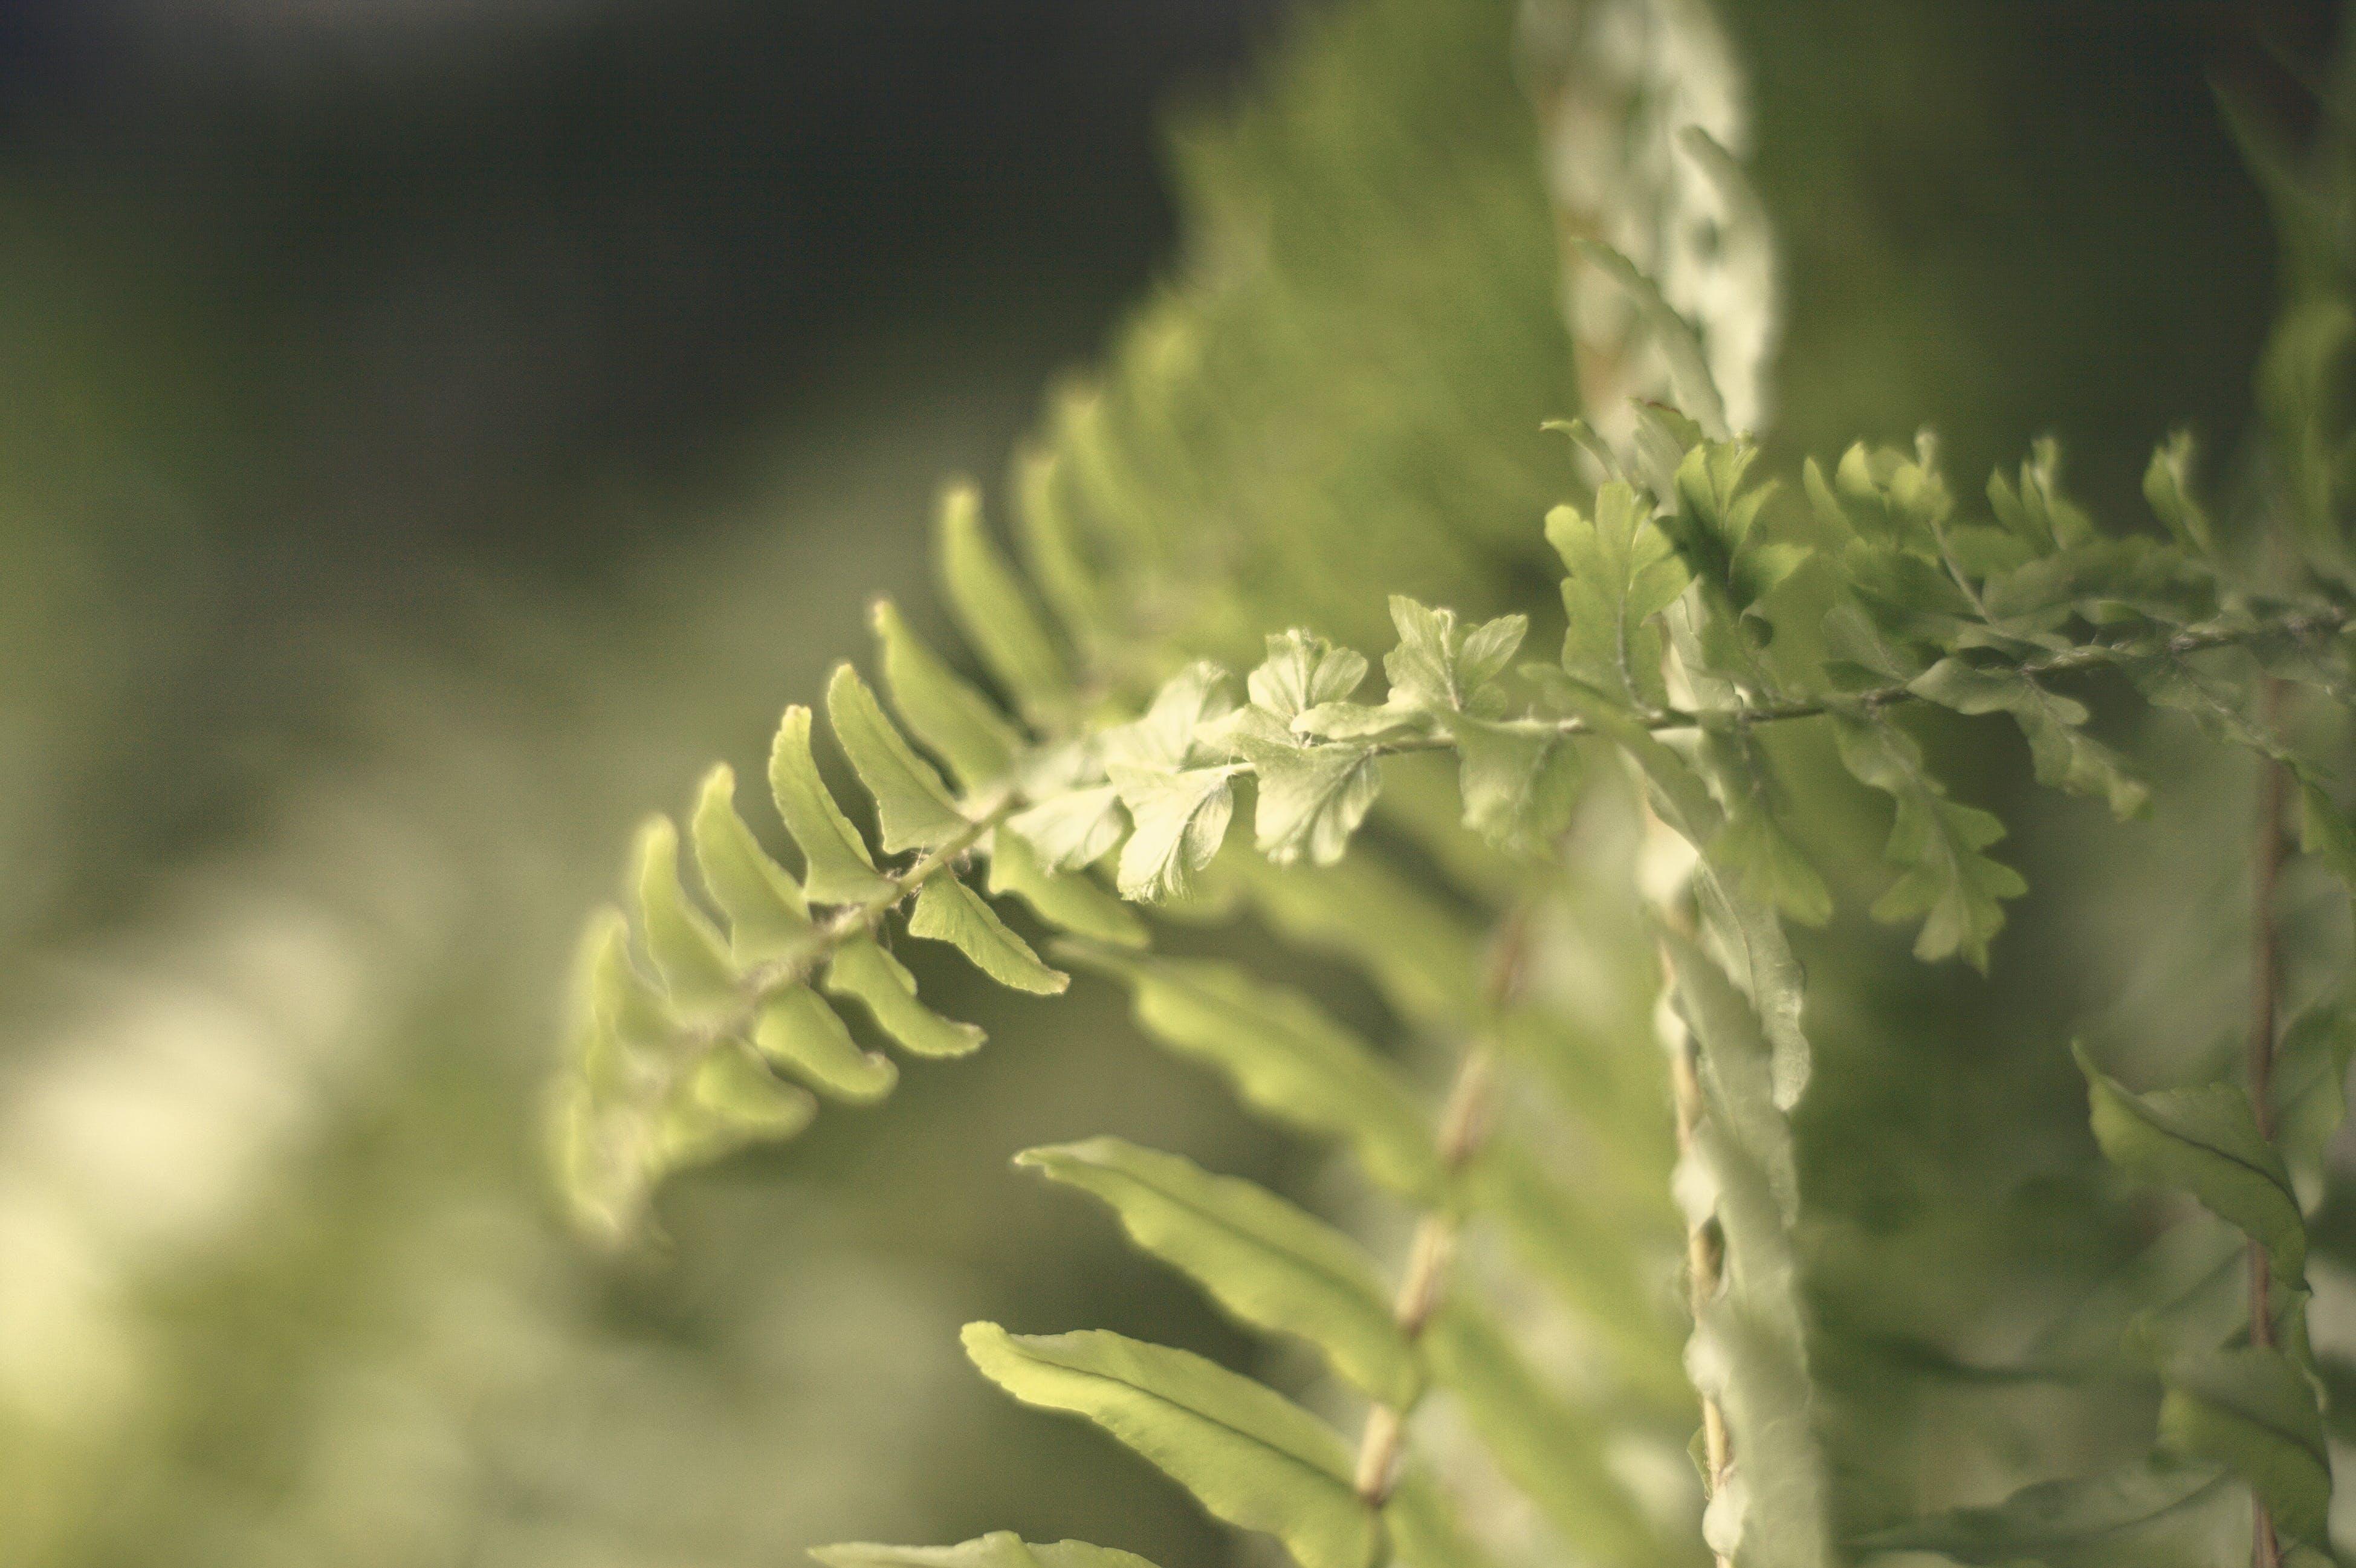 Gratis lagerfoto af Botanisk, bregne, bregneblade, close-up